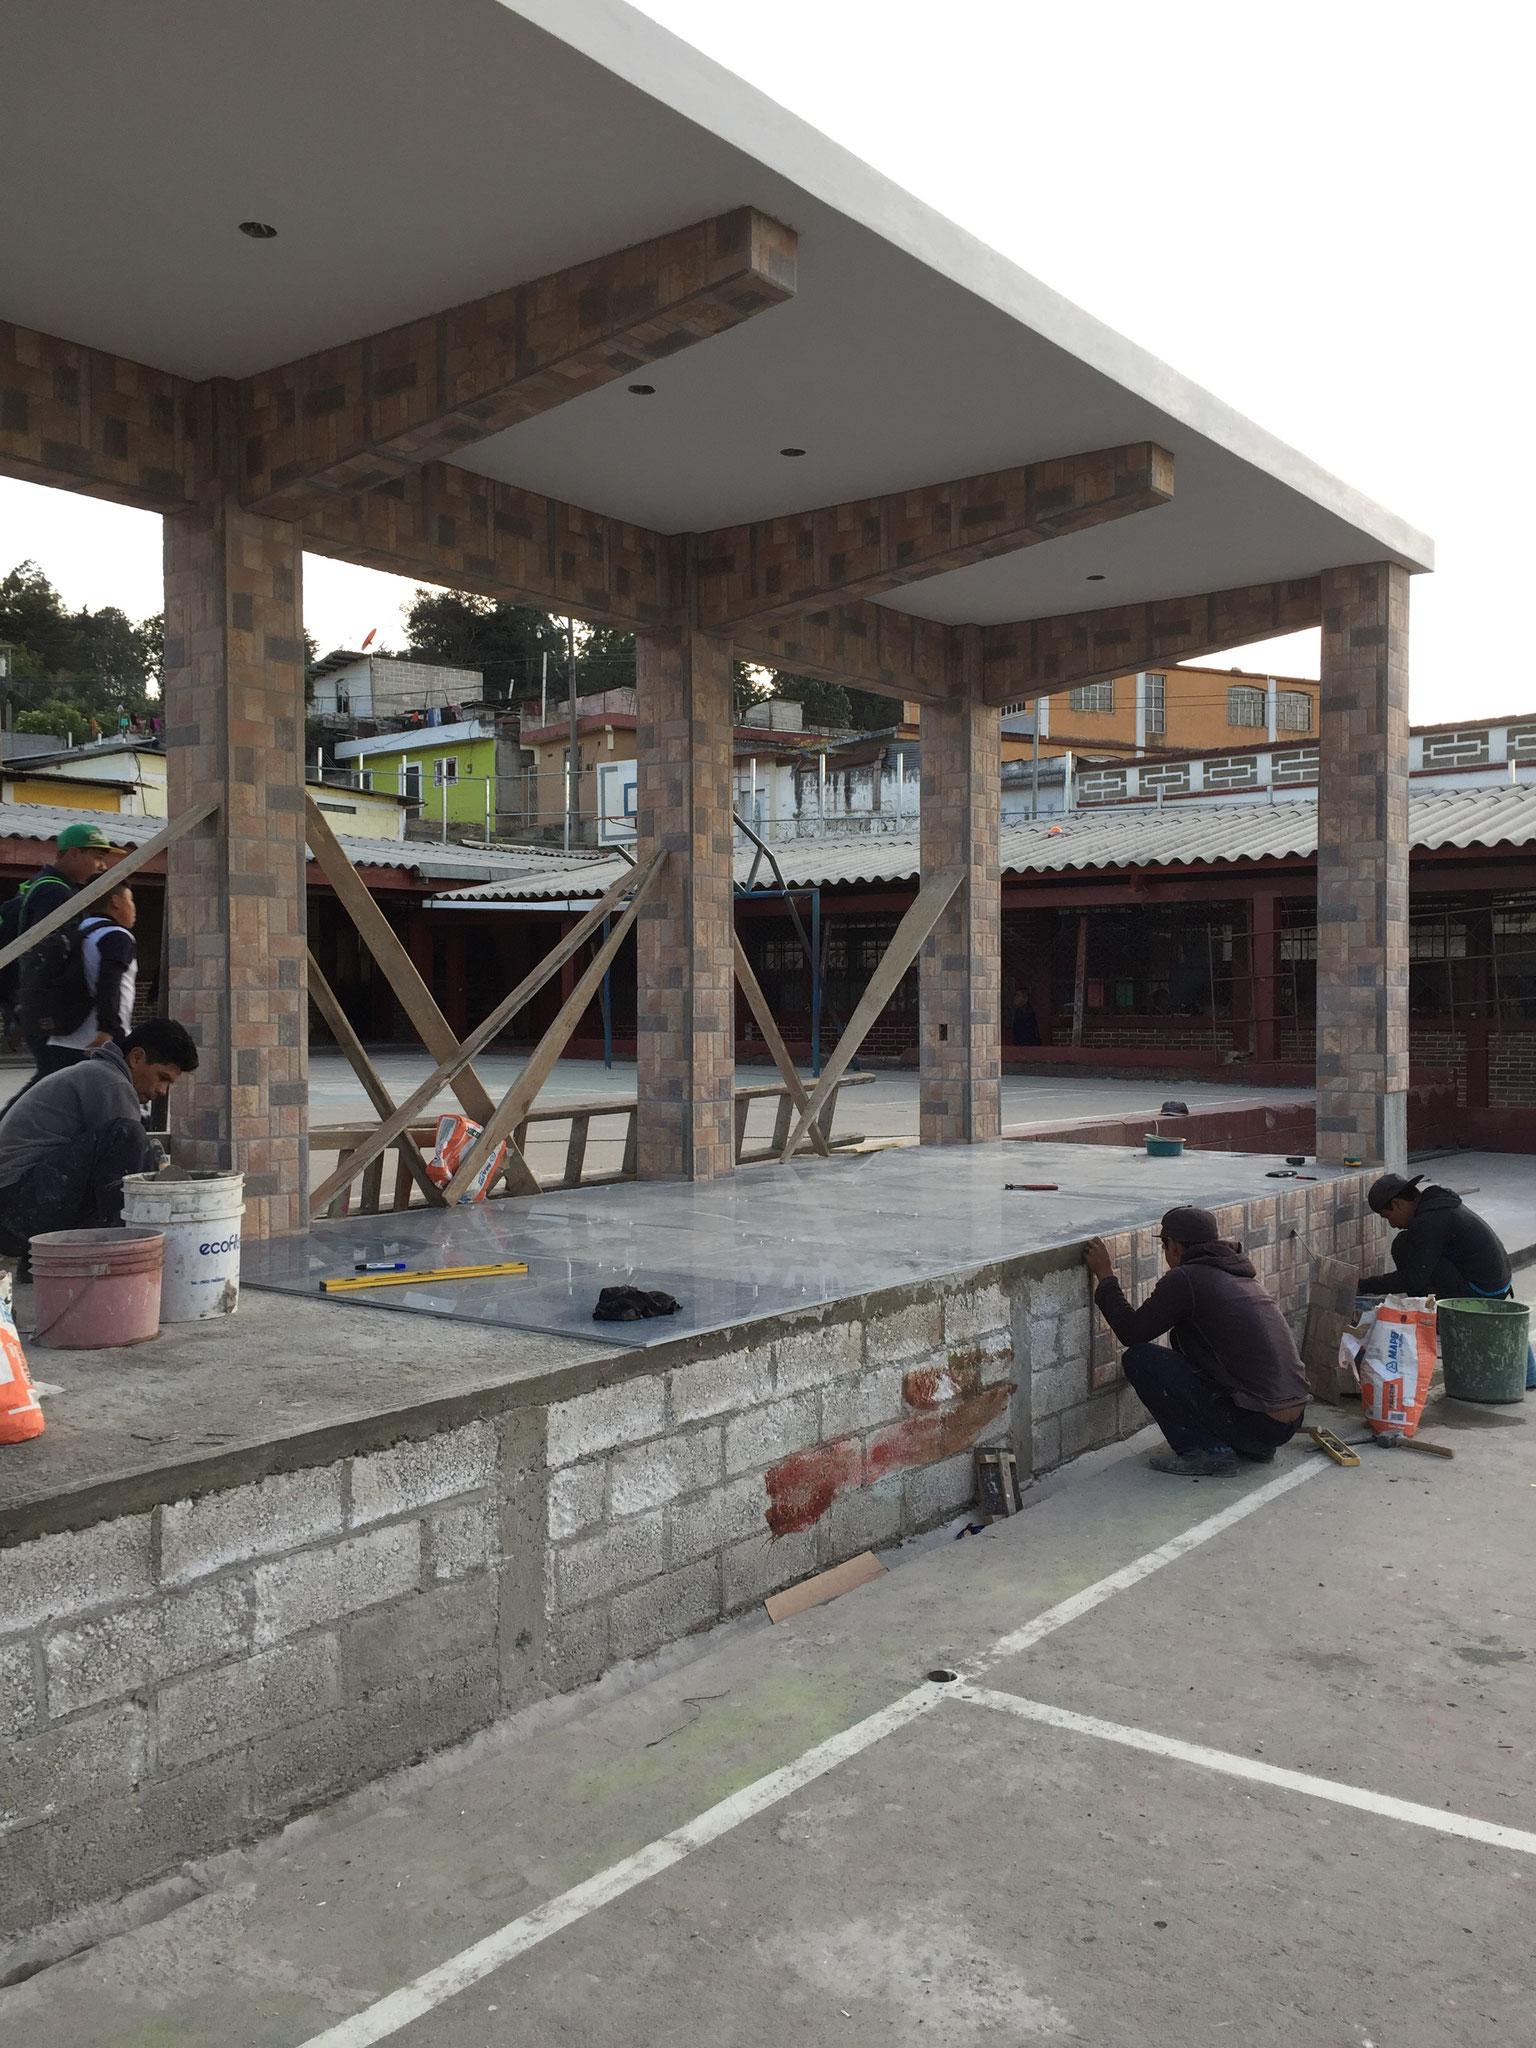 Bauarbeiter während des Neubaus einer Bühne für Schulveranstaltungen.